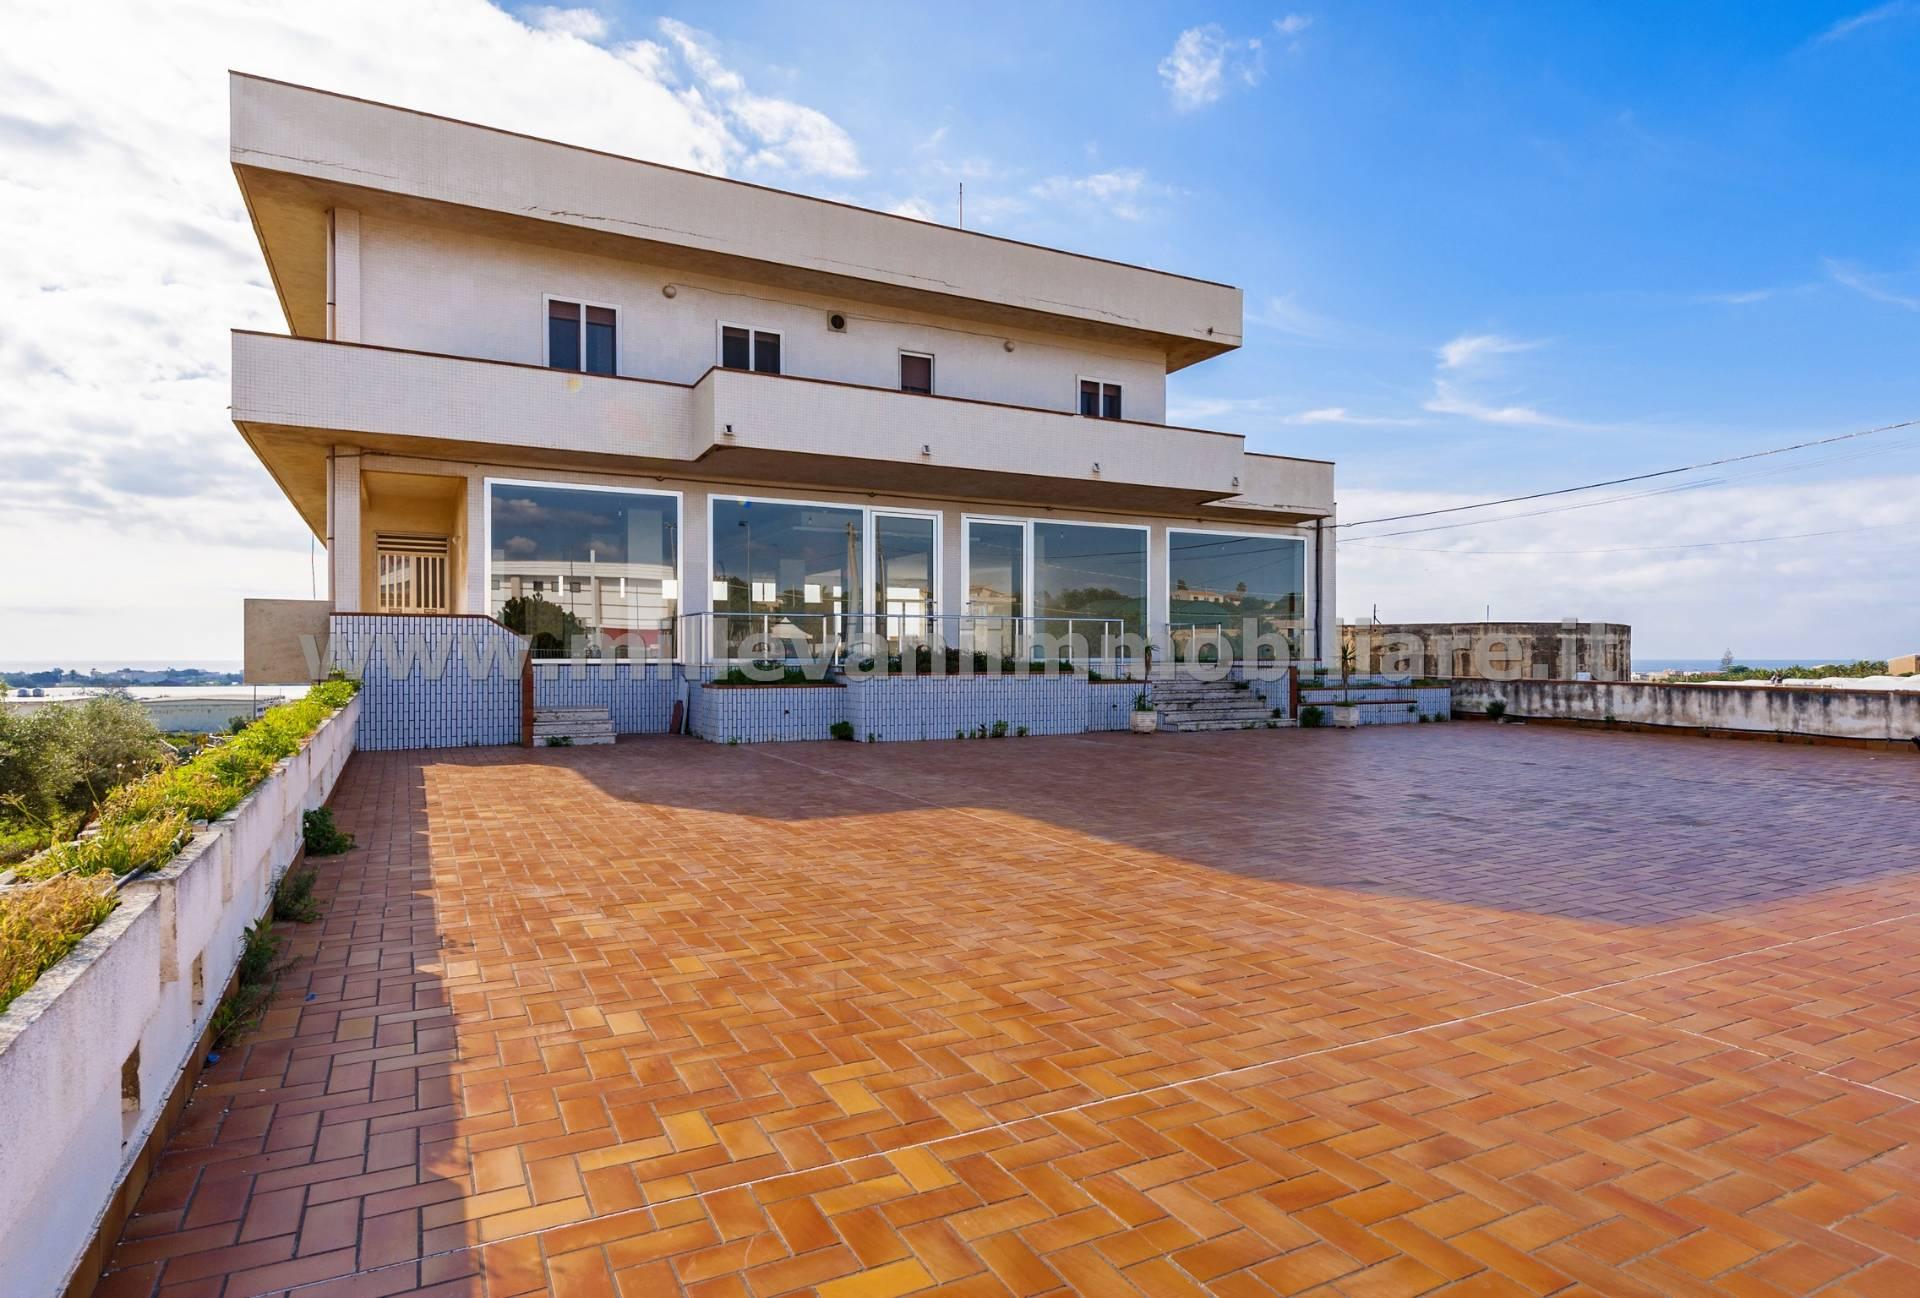 Negozio / Locale in vendita a Scicli, 9999 locali, zona Zona: Donnalucata, prezzo € 430.000   CambioCasa.it